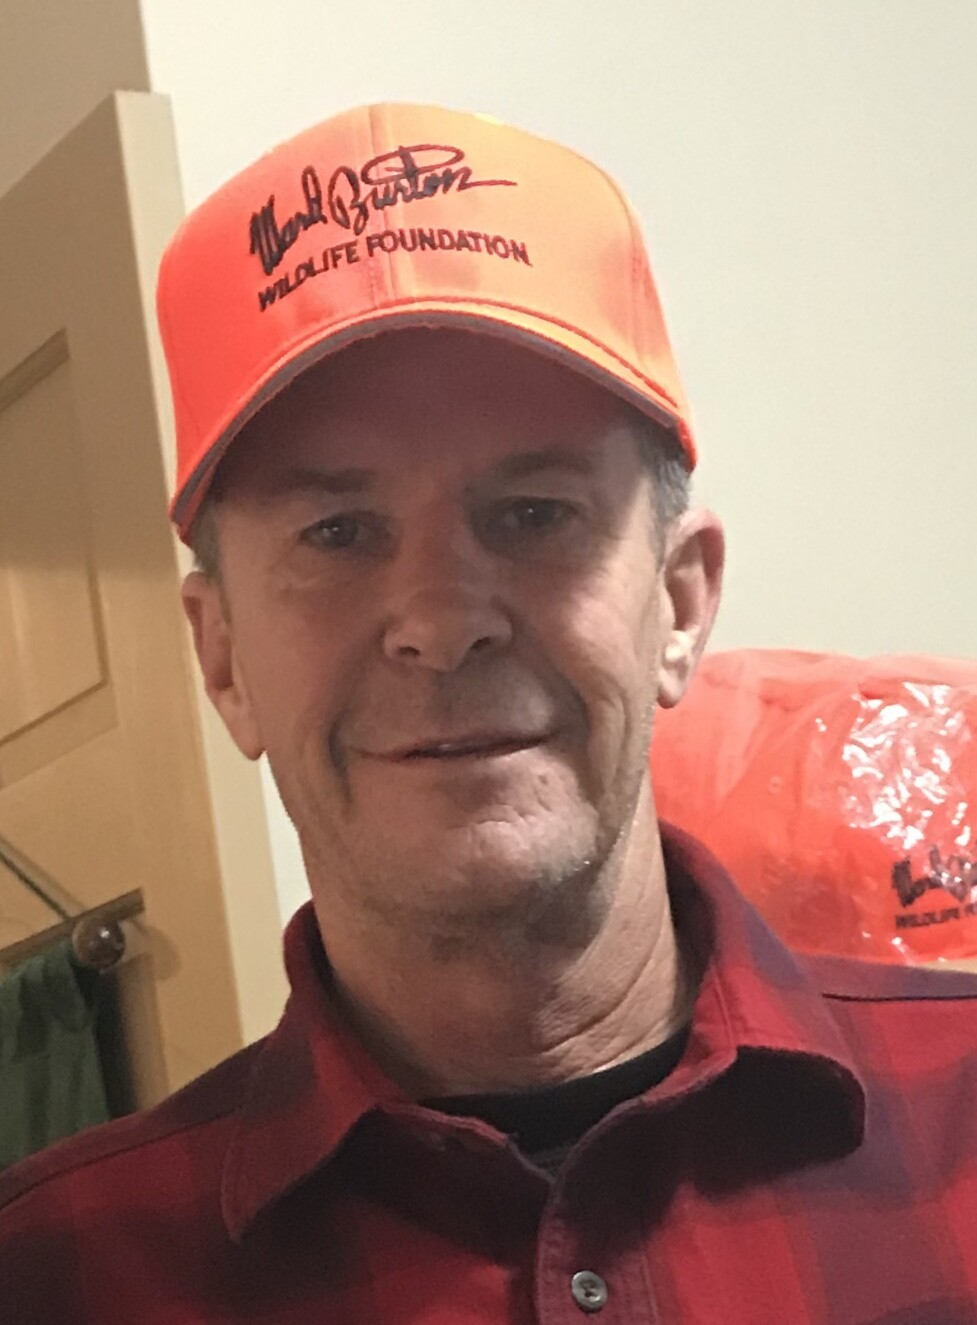 Orange cap with logo in black